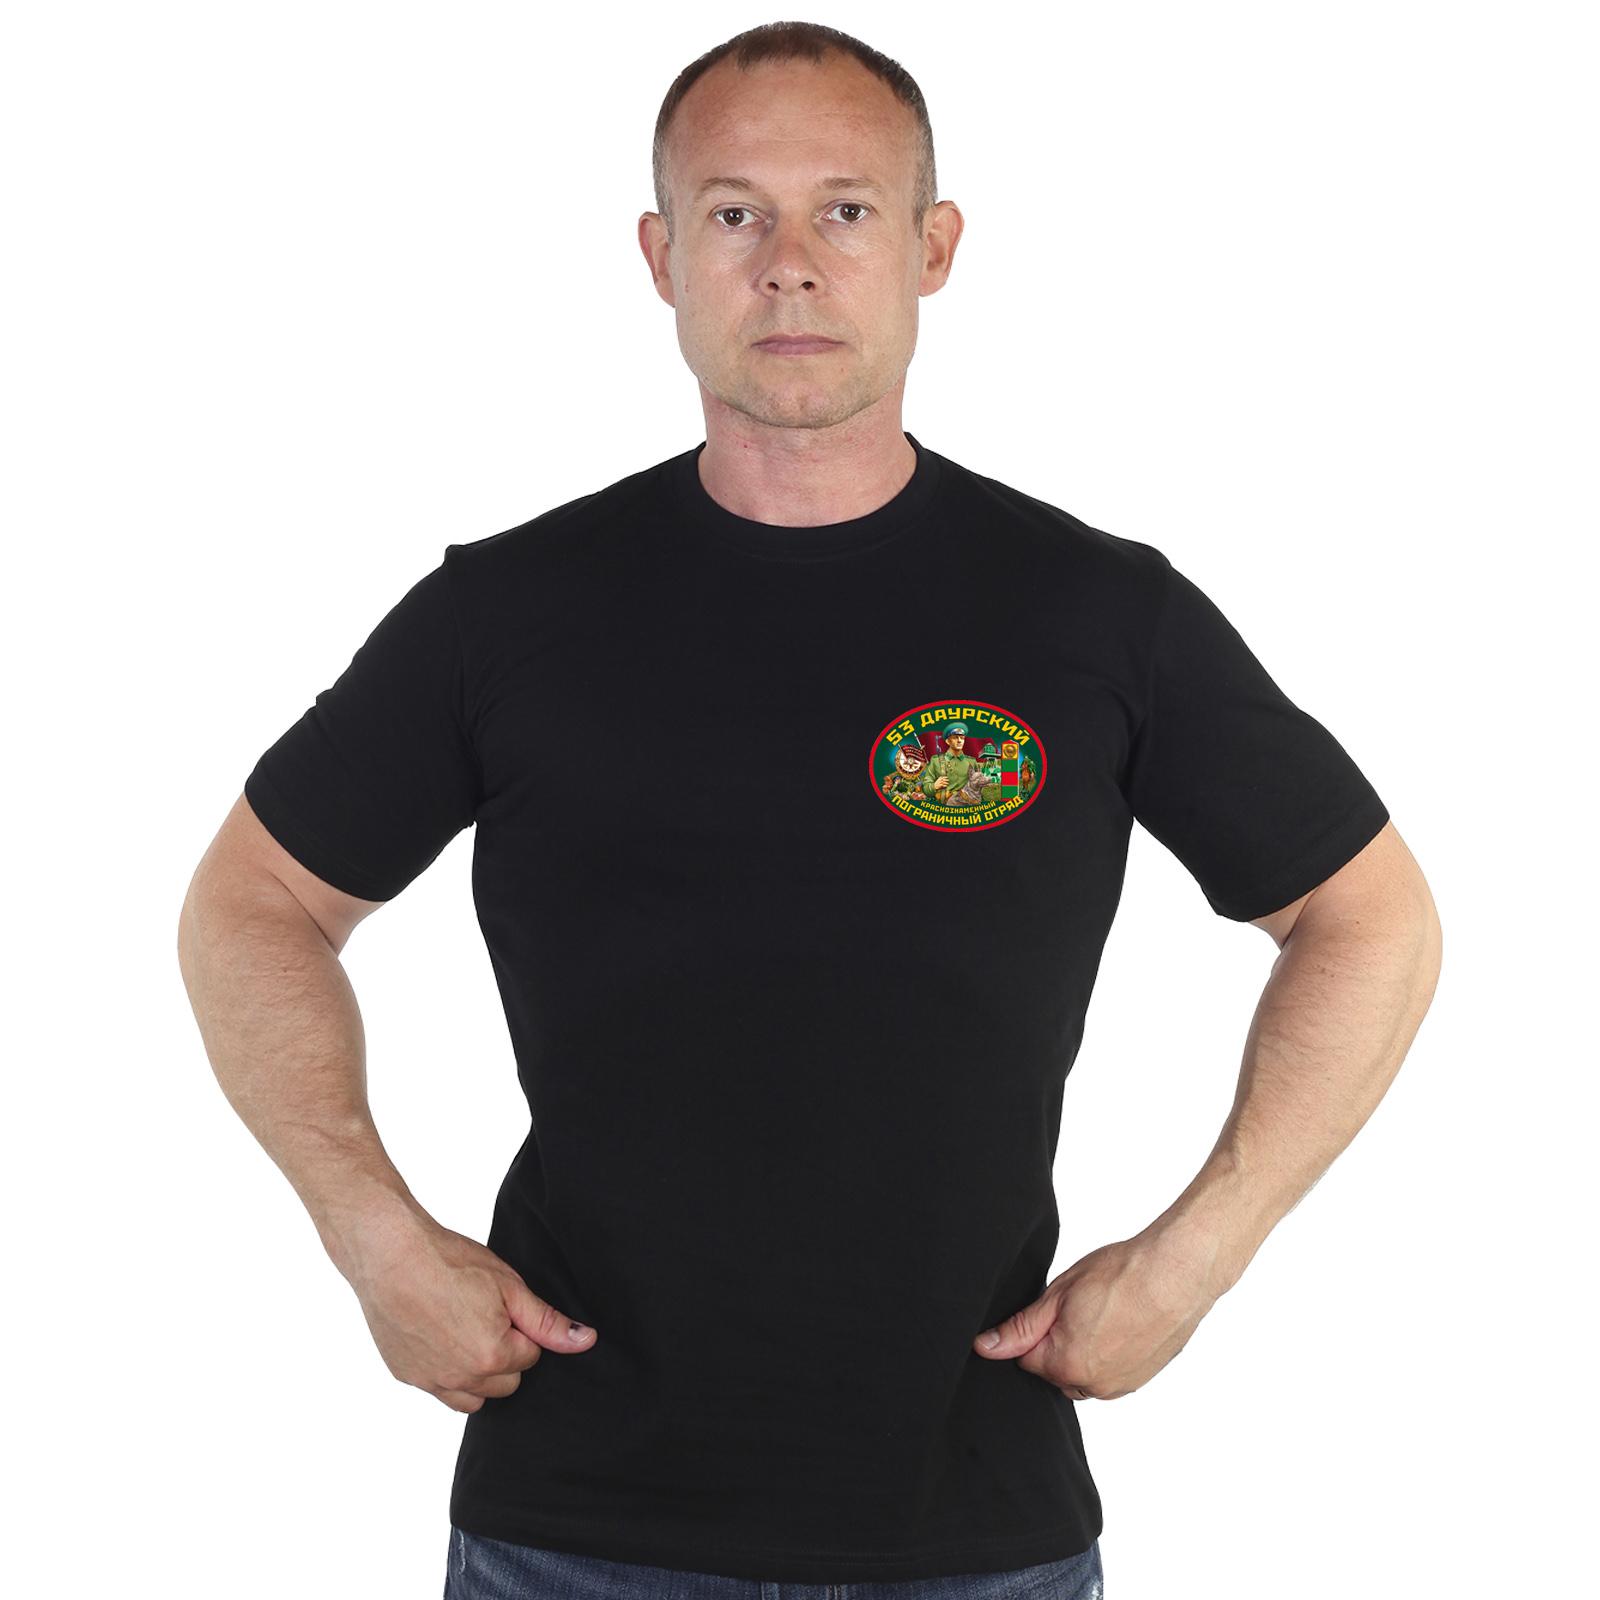 Купить футболку 53-й Даурский пограничный отряд в интернет магазине